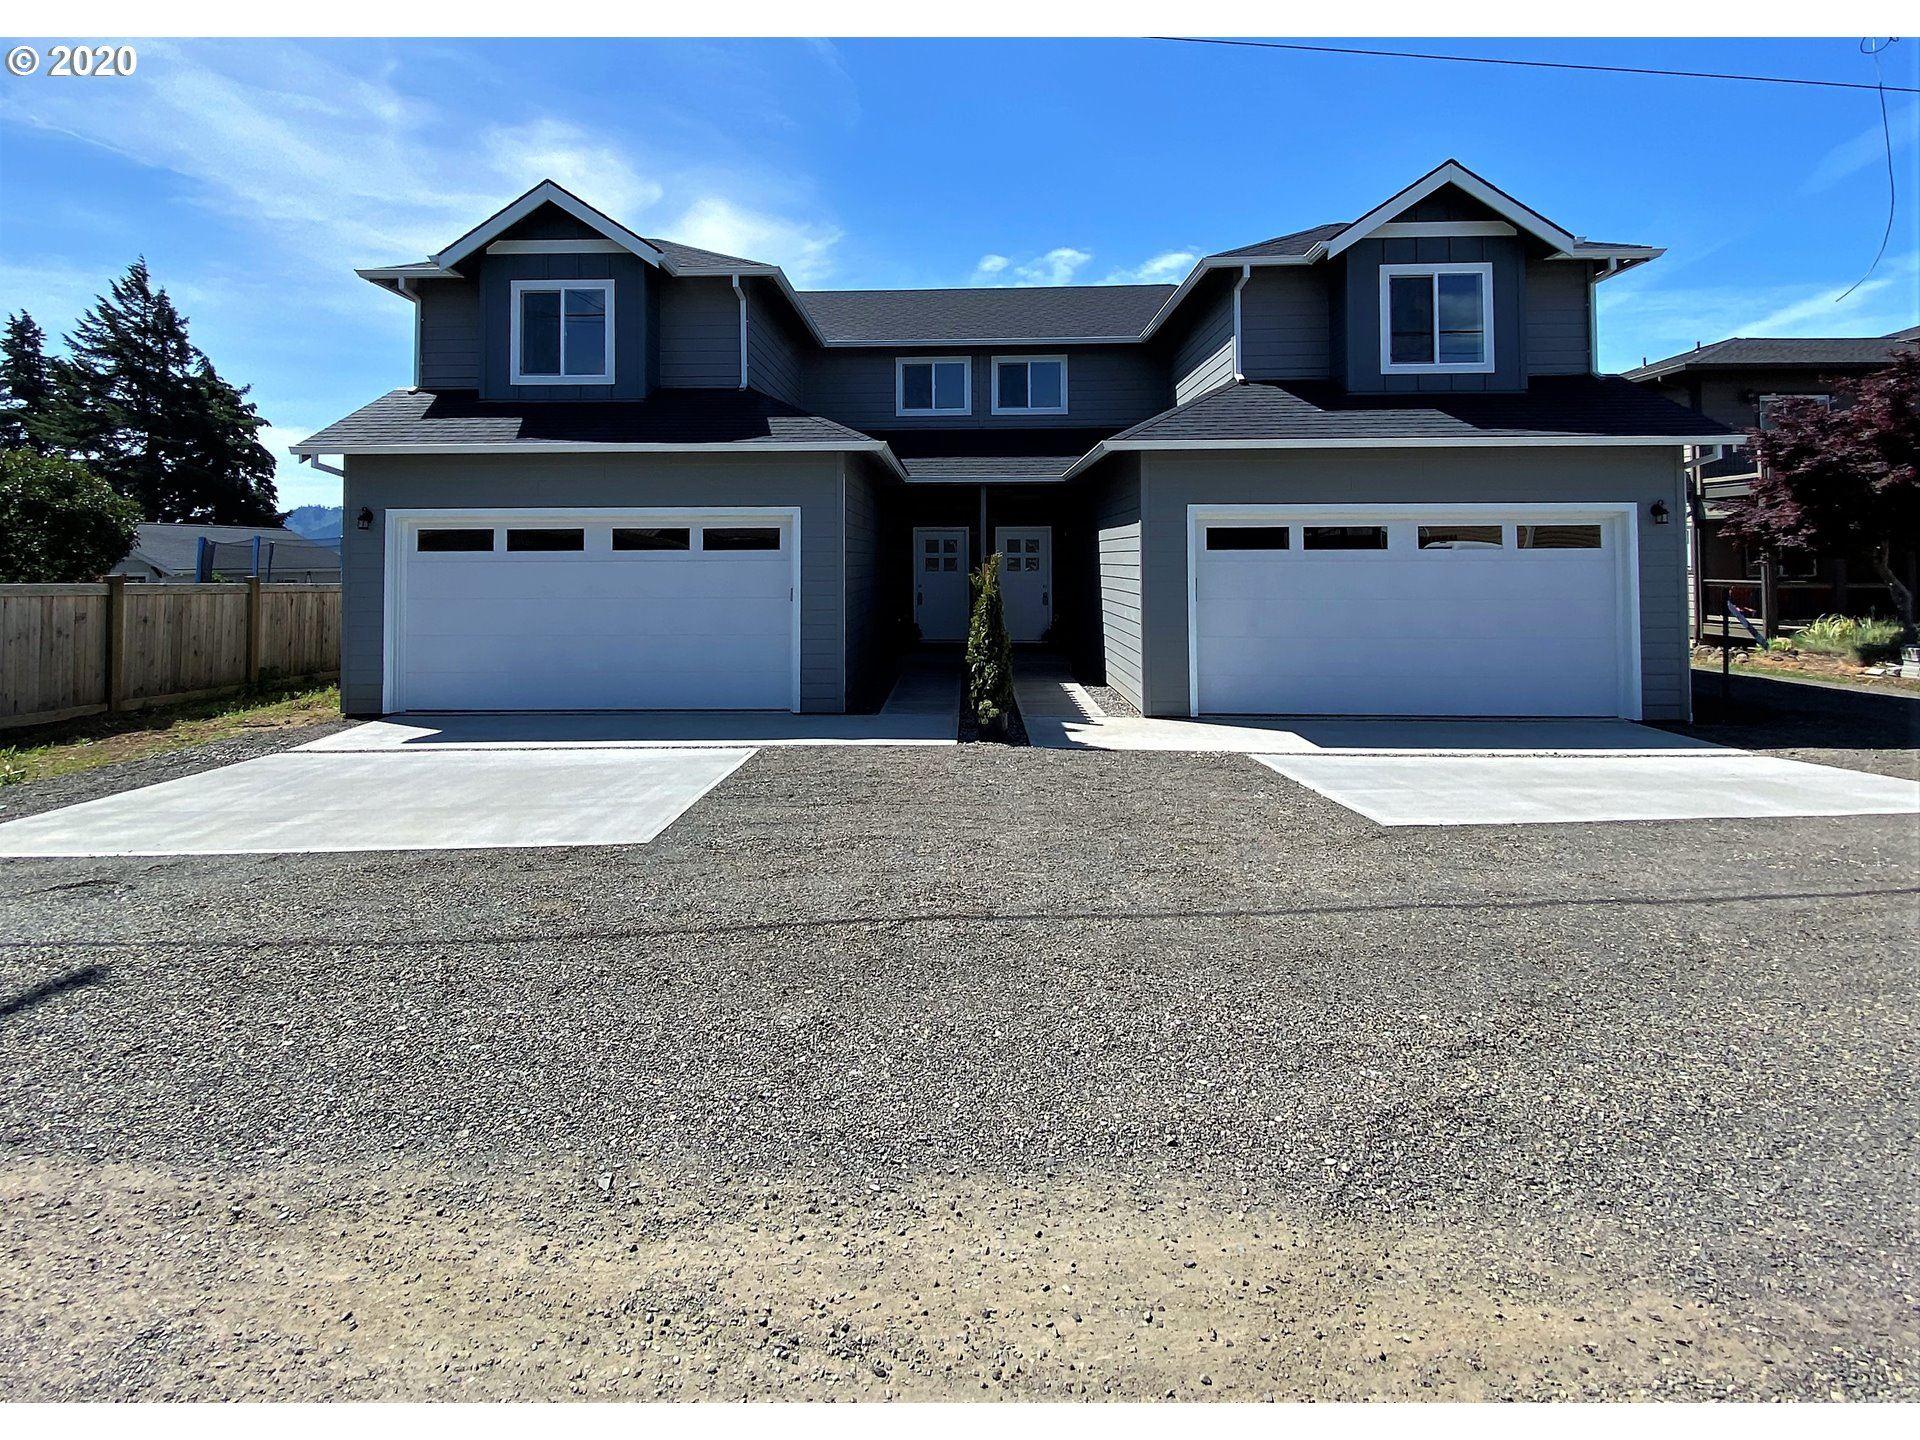 533 NE Center PL, White Salmon, WA 98672 - MLS#: 19618629